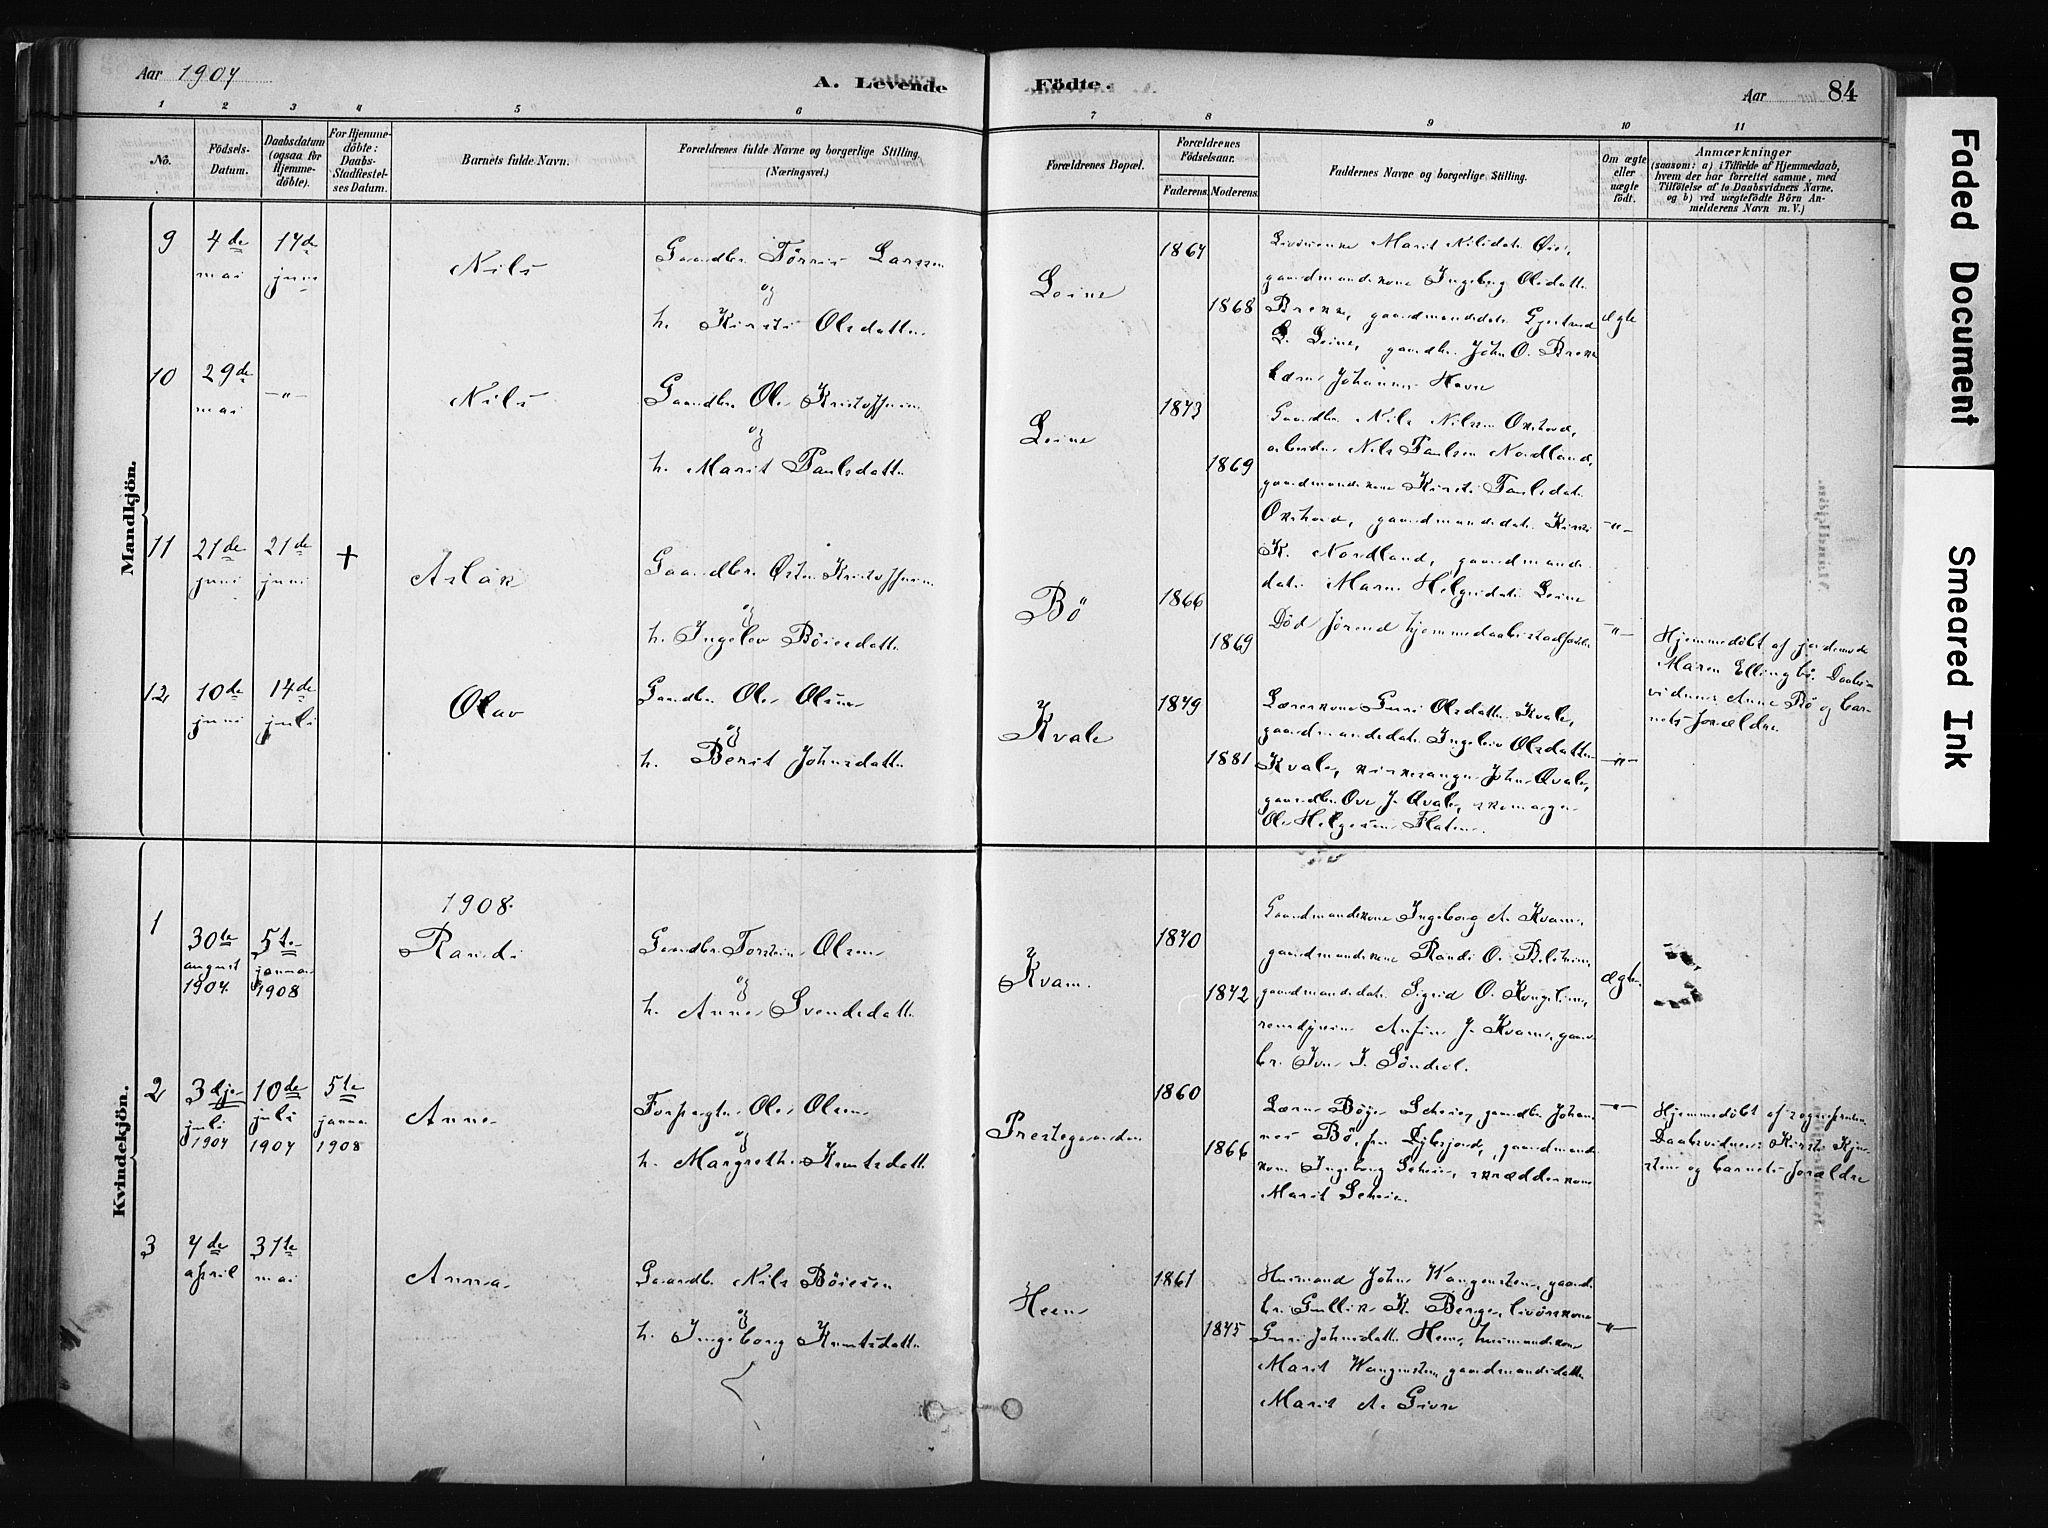 SAH, Vang prestekontor, Valdres, Ministerialbok nr. 8, 1882-1910, s. 84